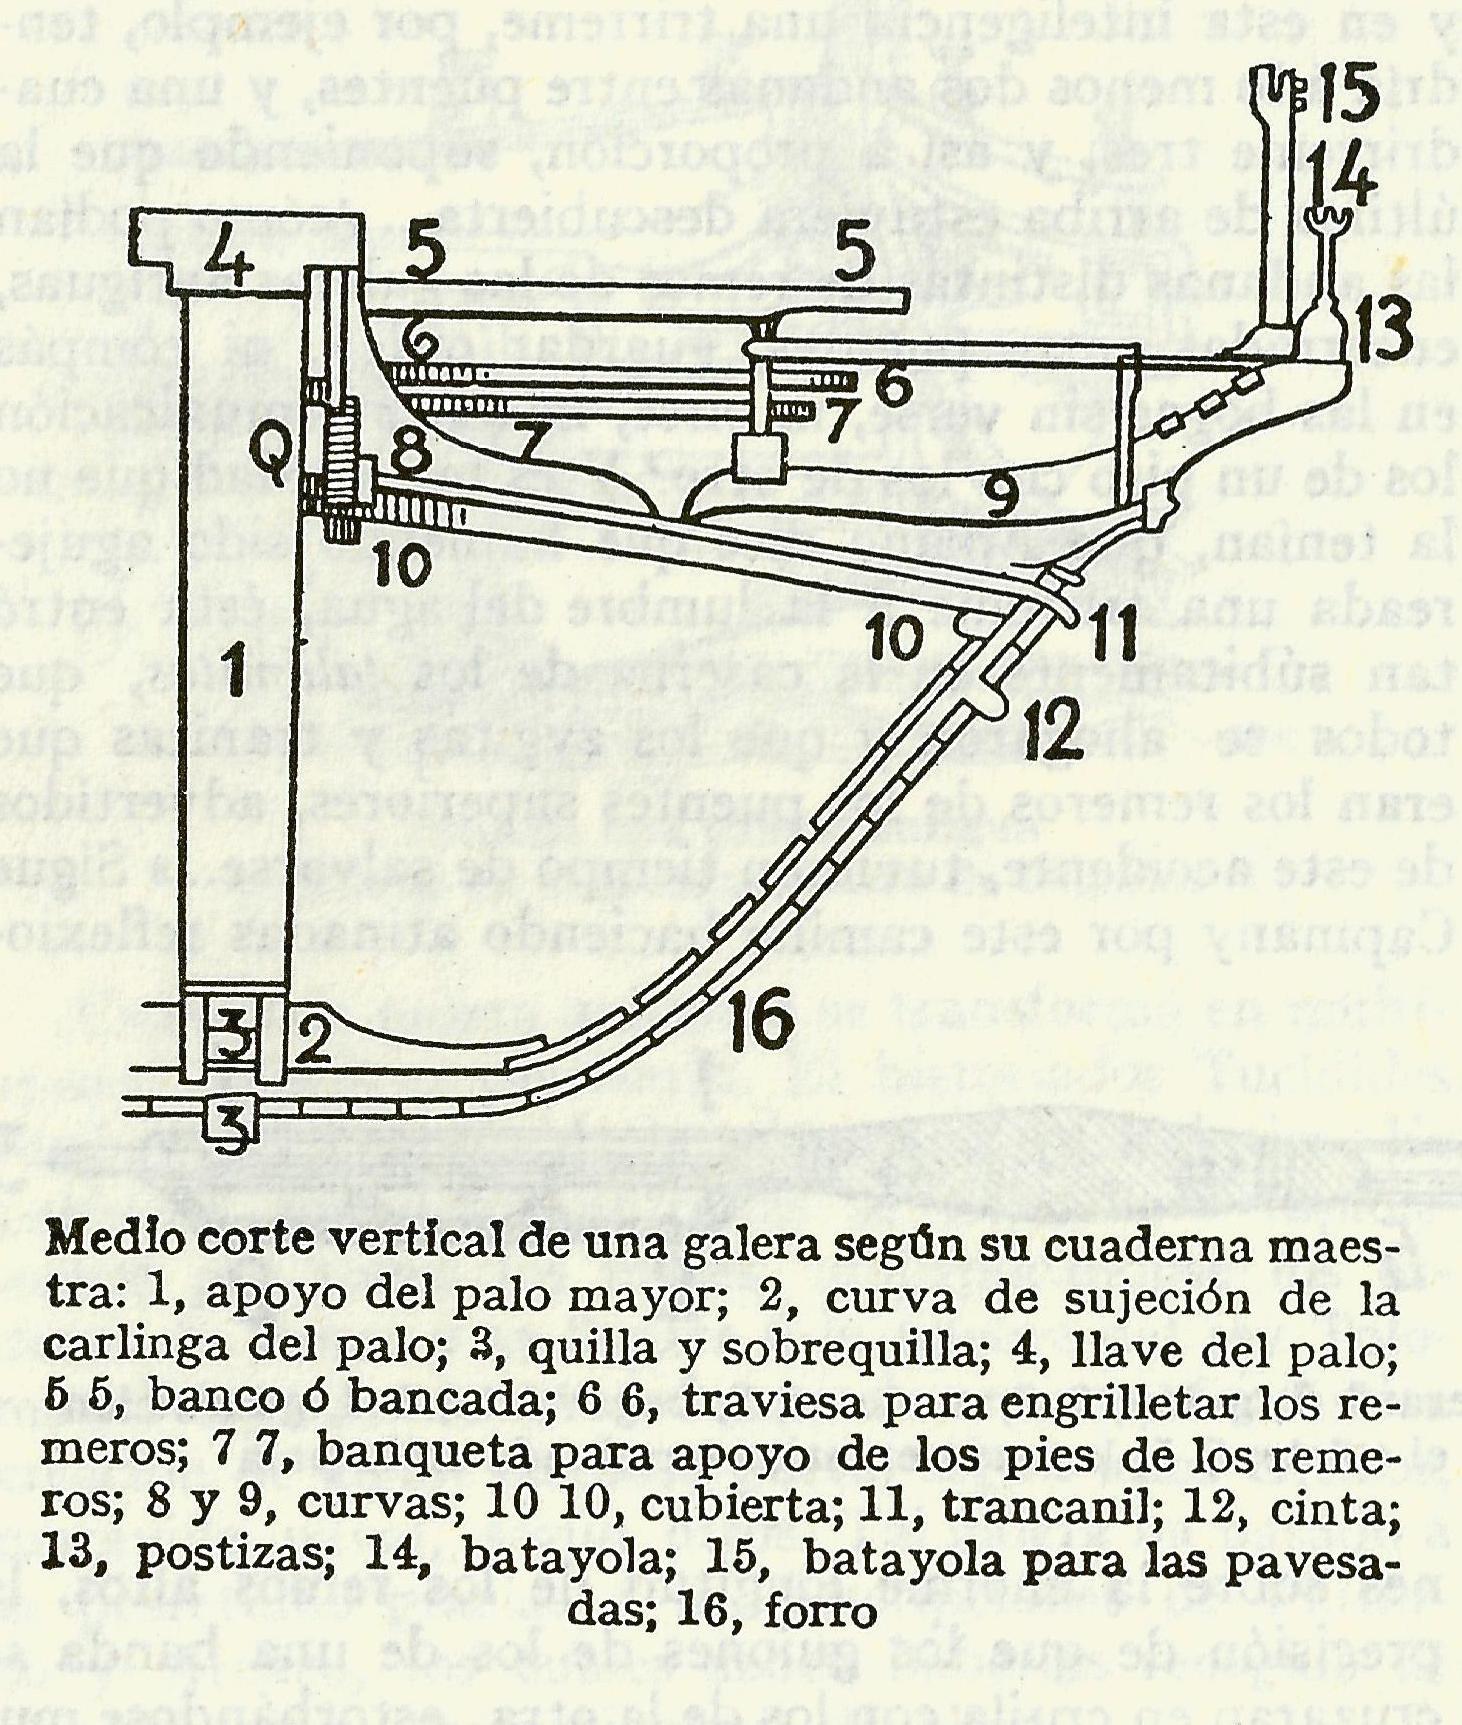 Archivo:Cuaderna maestra de galera (seccion).jpg - Wikipedia, la ...